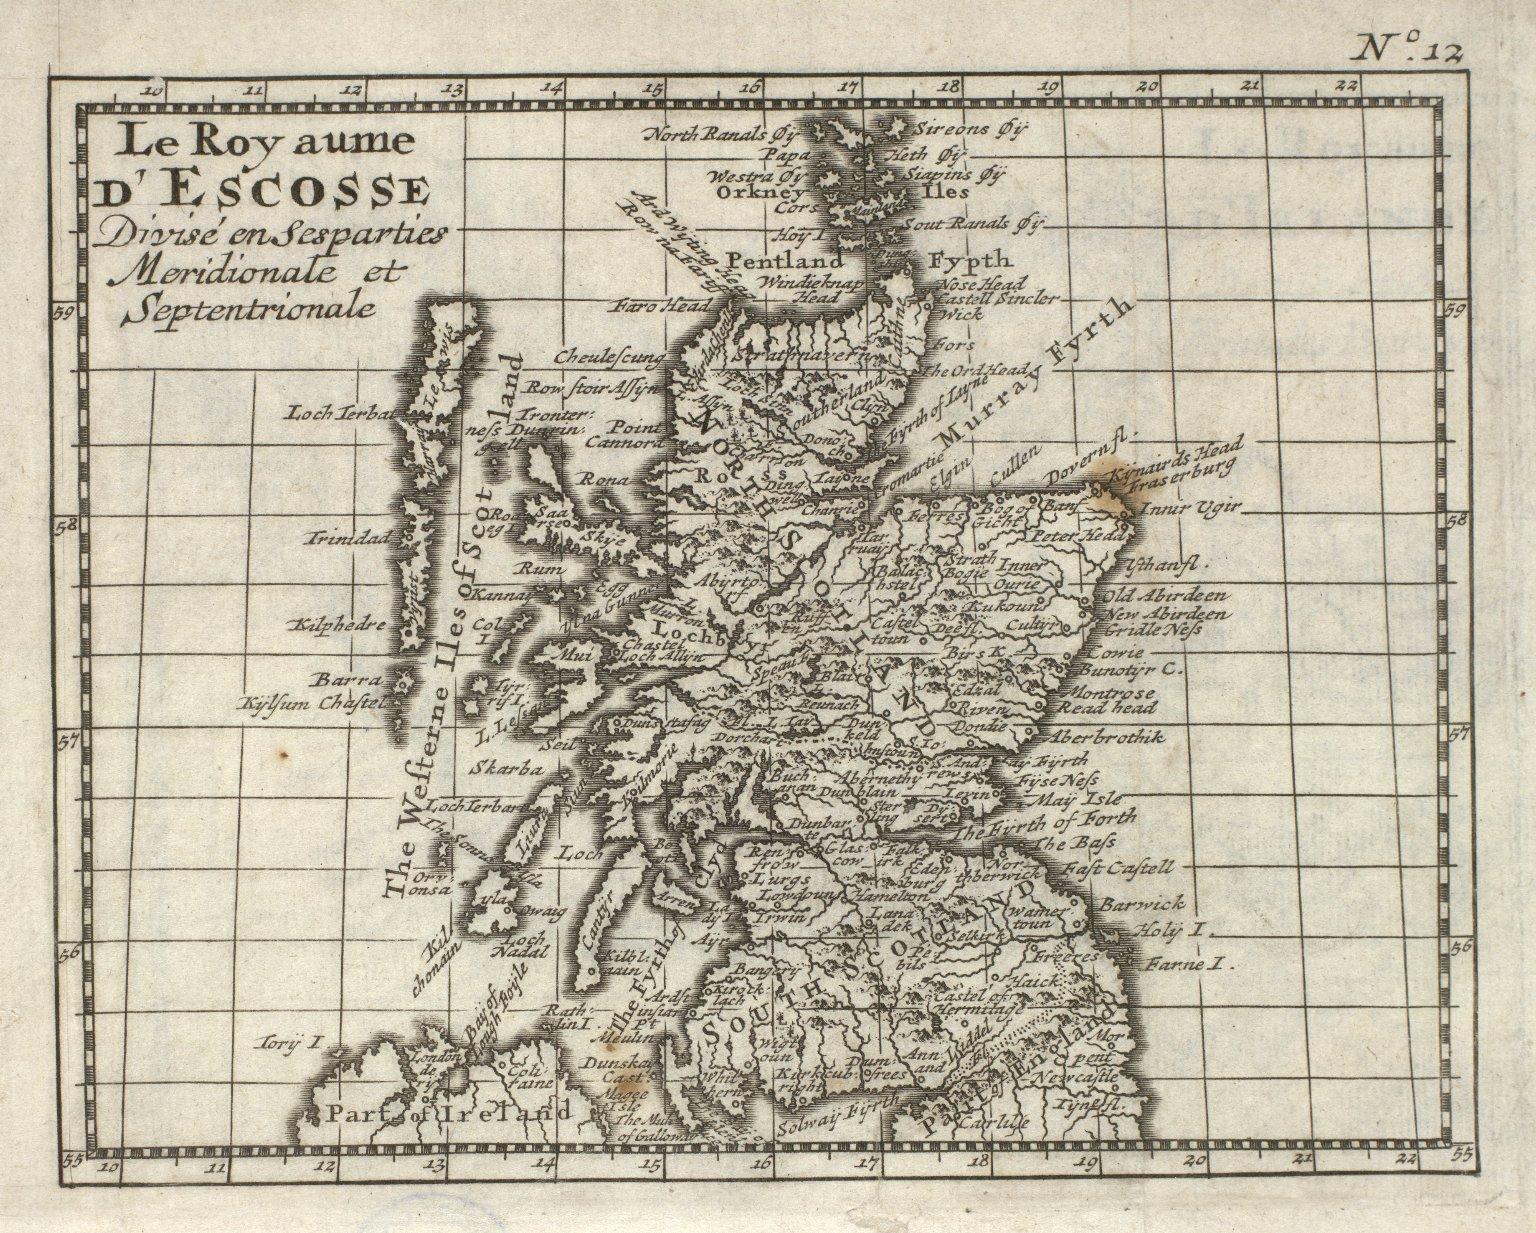 Le Royaume D'Escosse Divise en ses parties Meridionale et Septentrionale. [1 of 1]